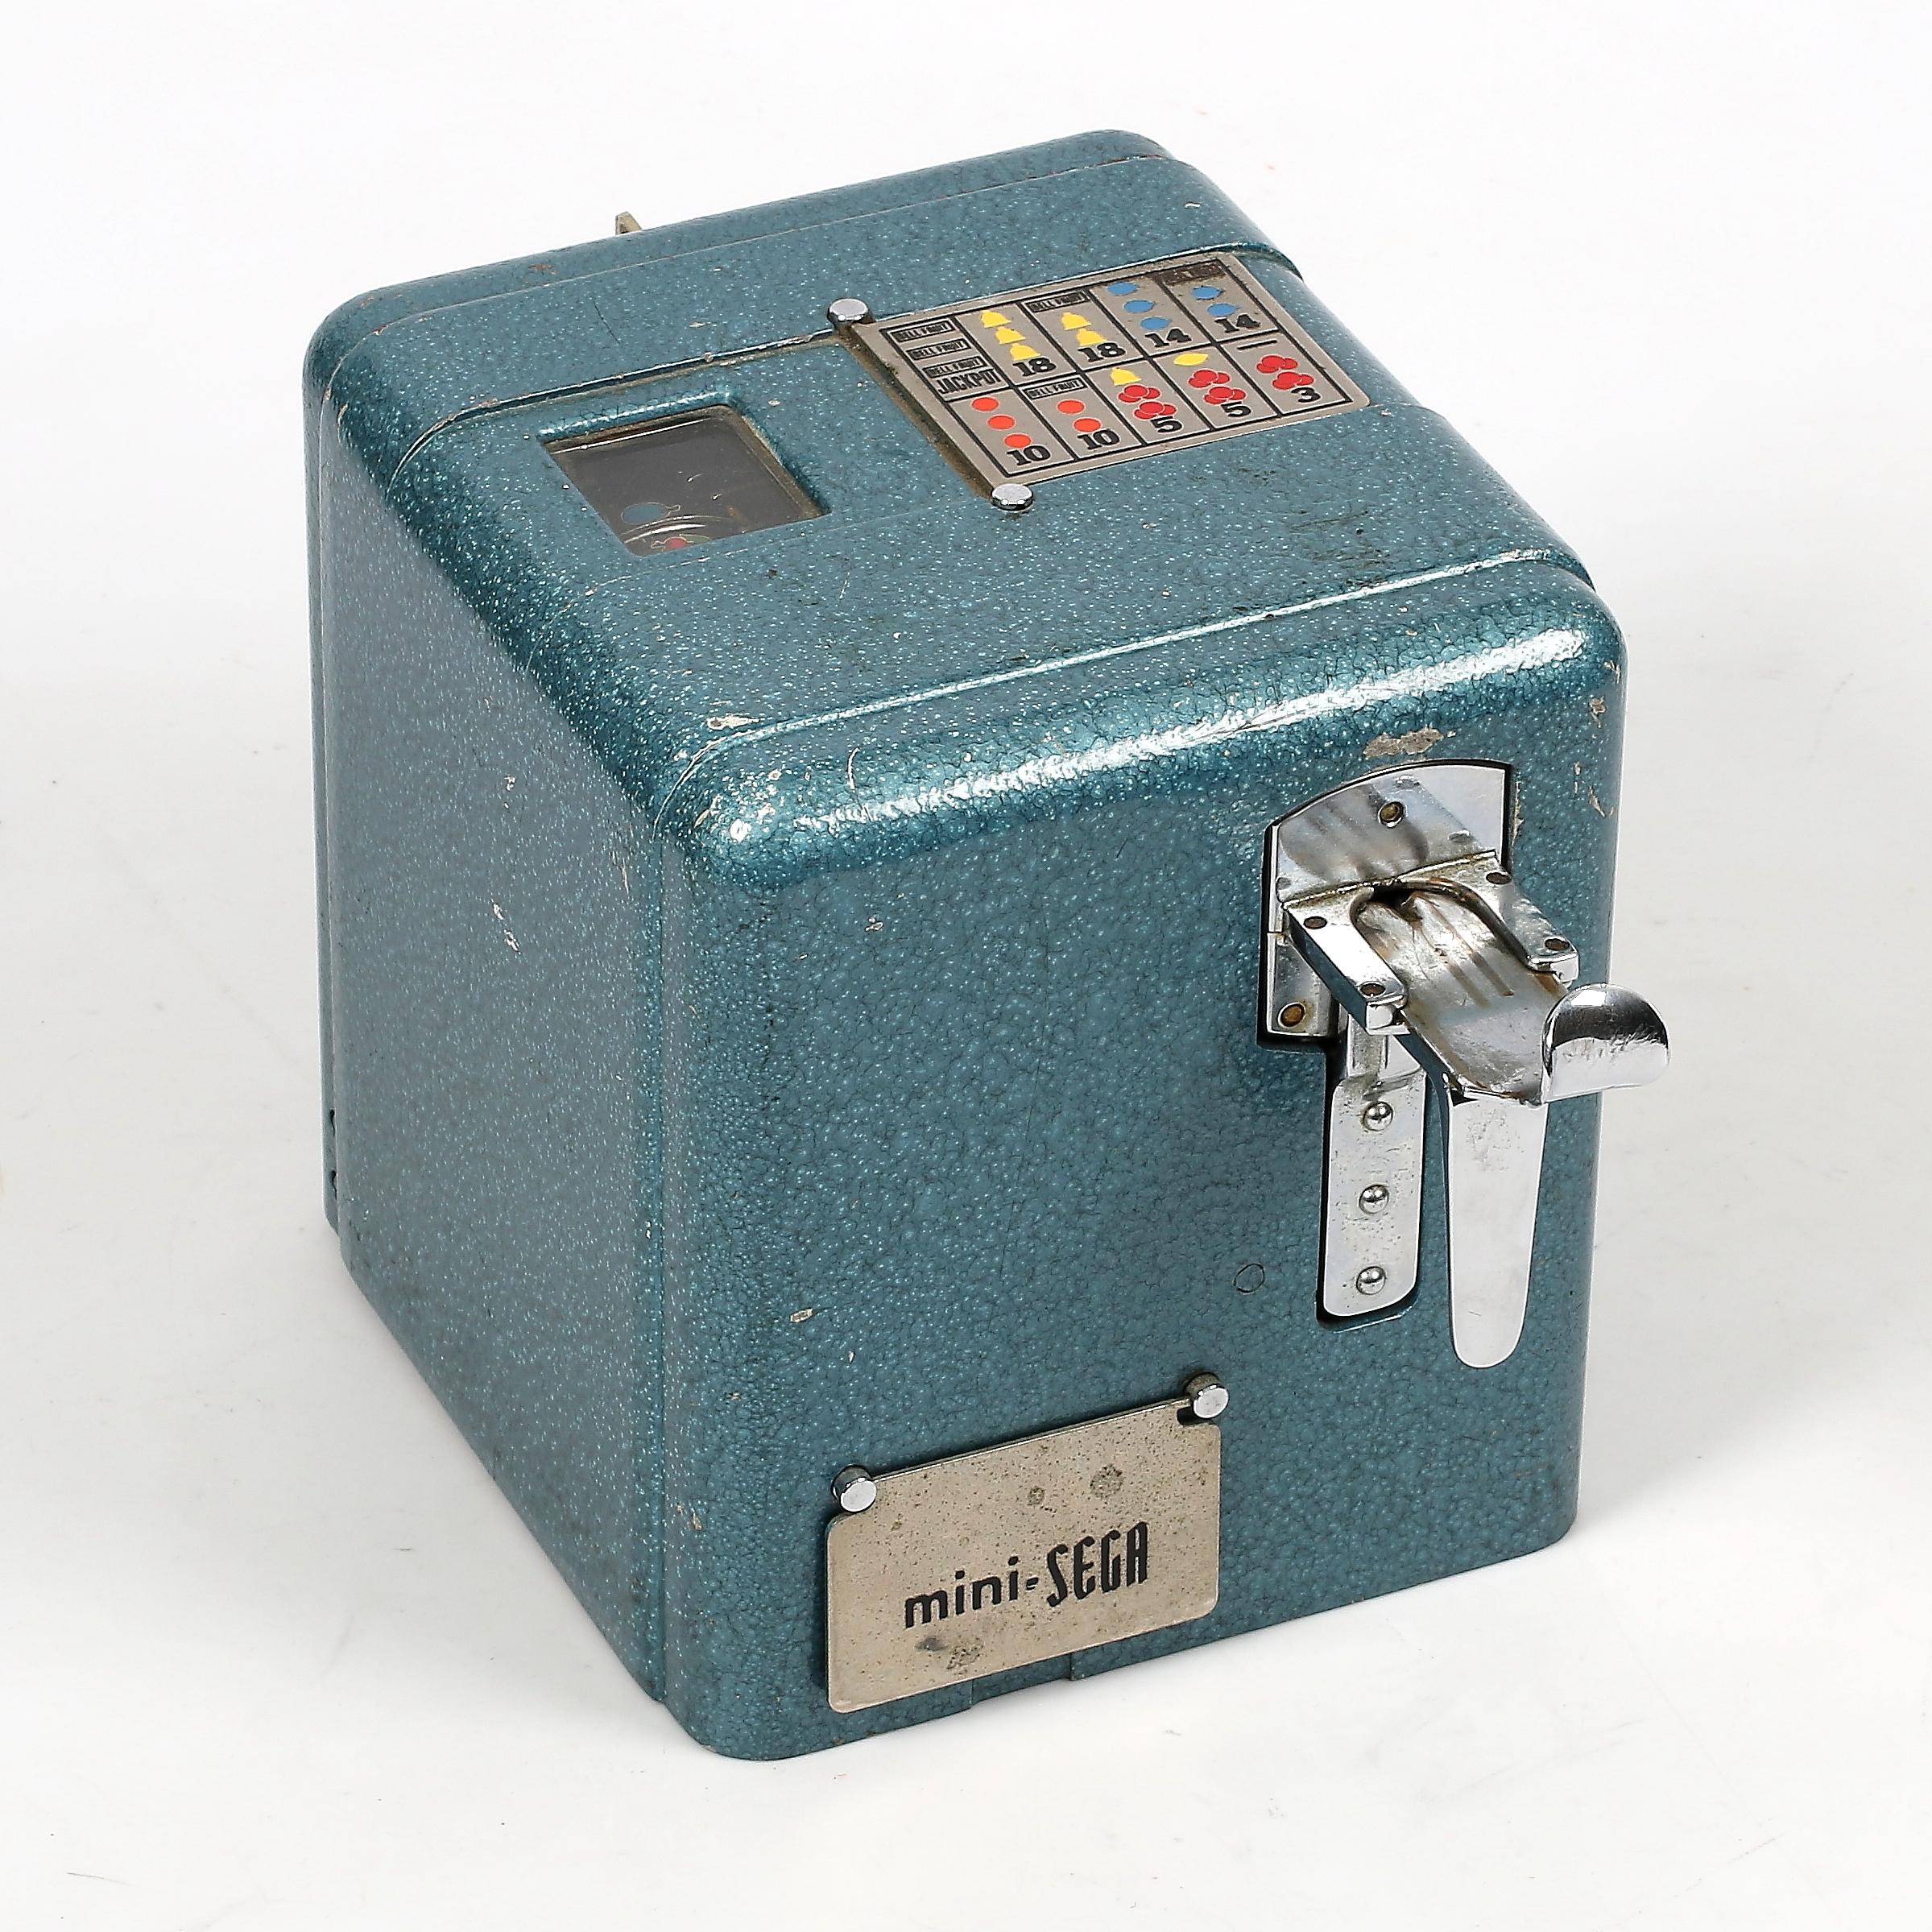 Mini sega slot machine download game petz dogz 2